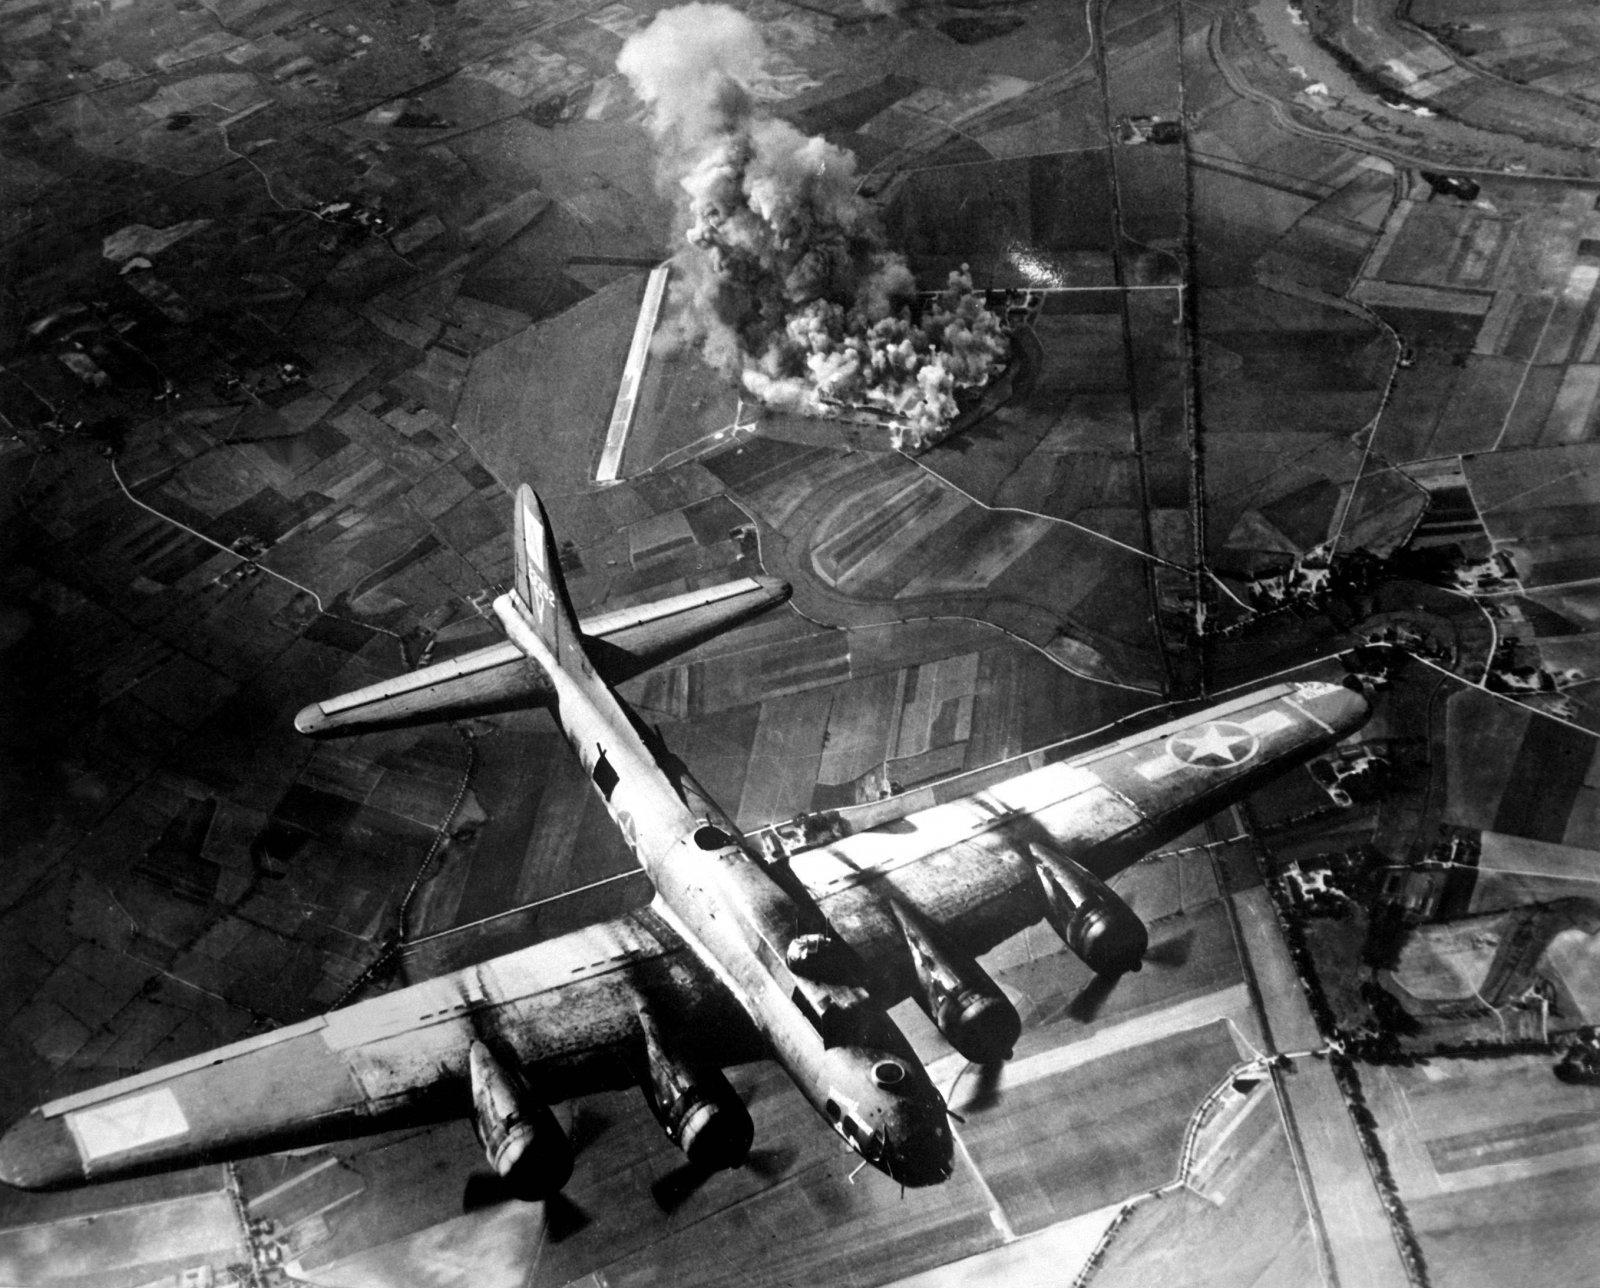 Un Boeing B-17 de la Força Aèria dels Estats Units bombardejant una fàbrica d'avions alemanys Focke-Wulf